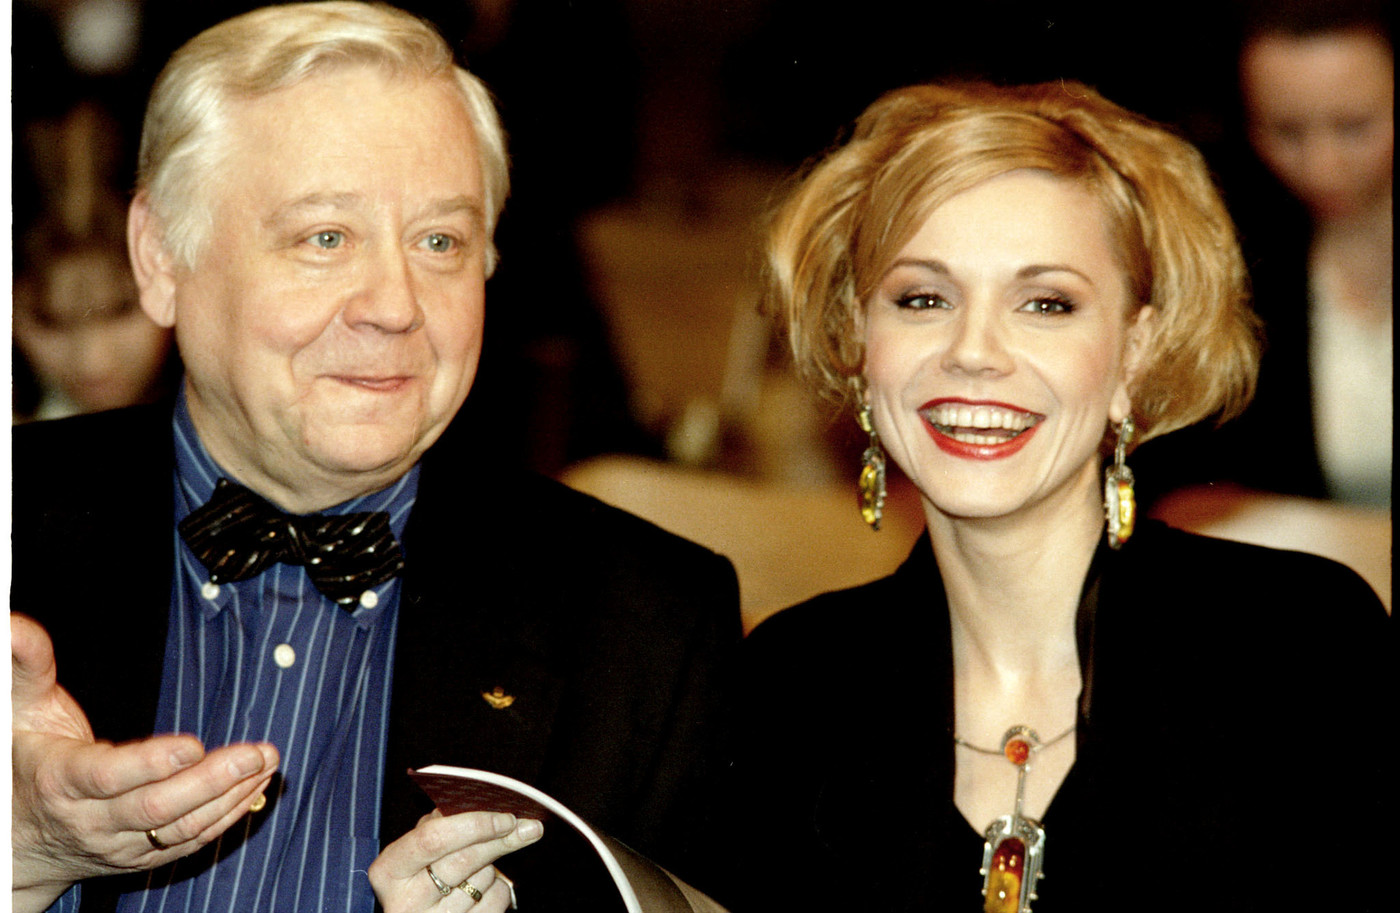 December 3. Famous Russian actor and director Oleg Tabakov and his wife, actress Marina Zudina. ----- TAS 04. Ðîññèÿ. Ìîñêâà. 3 äåêàáðÿ. Èçâåñòíûé ðîññèéñêèé àêòåð è ðåæèññåð Îëåã Òàáàêîâ è åãî æåíà àêòðèñà Ìàðèíà Çóäèíà. Ôîòî Áîðèñà Êàâàøêèíà ÈÒÀÐ-ÒÀÑÑ